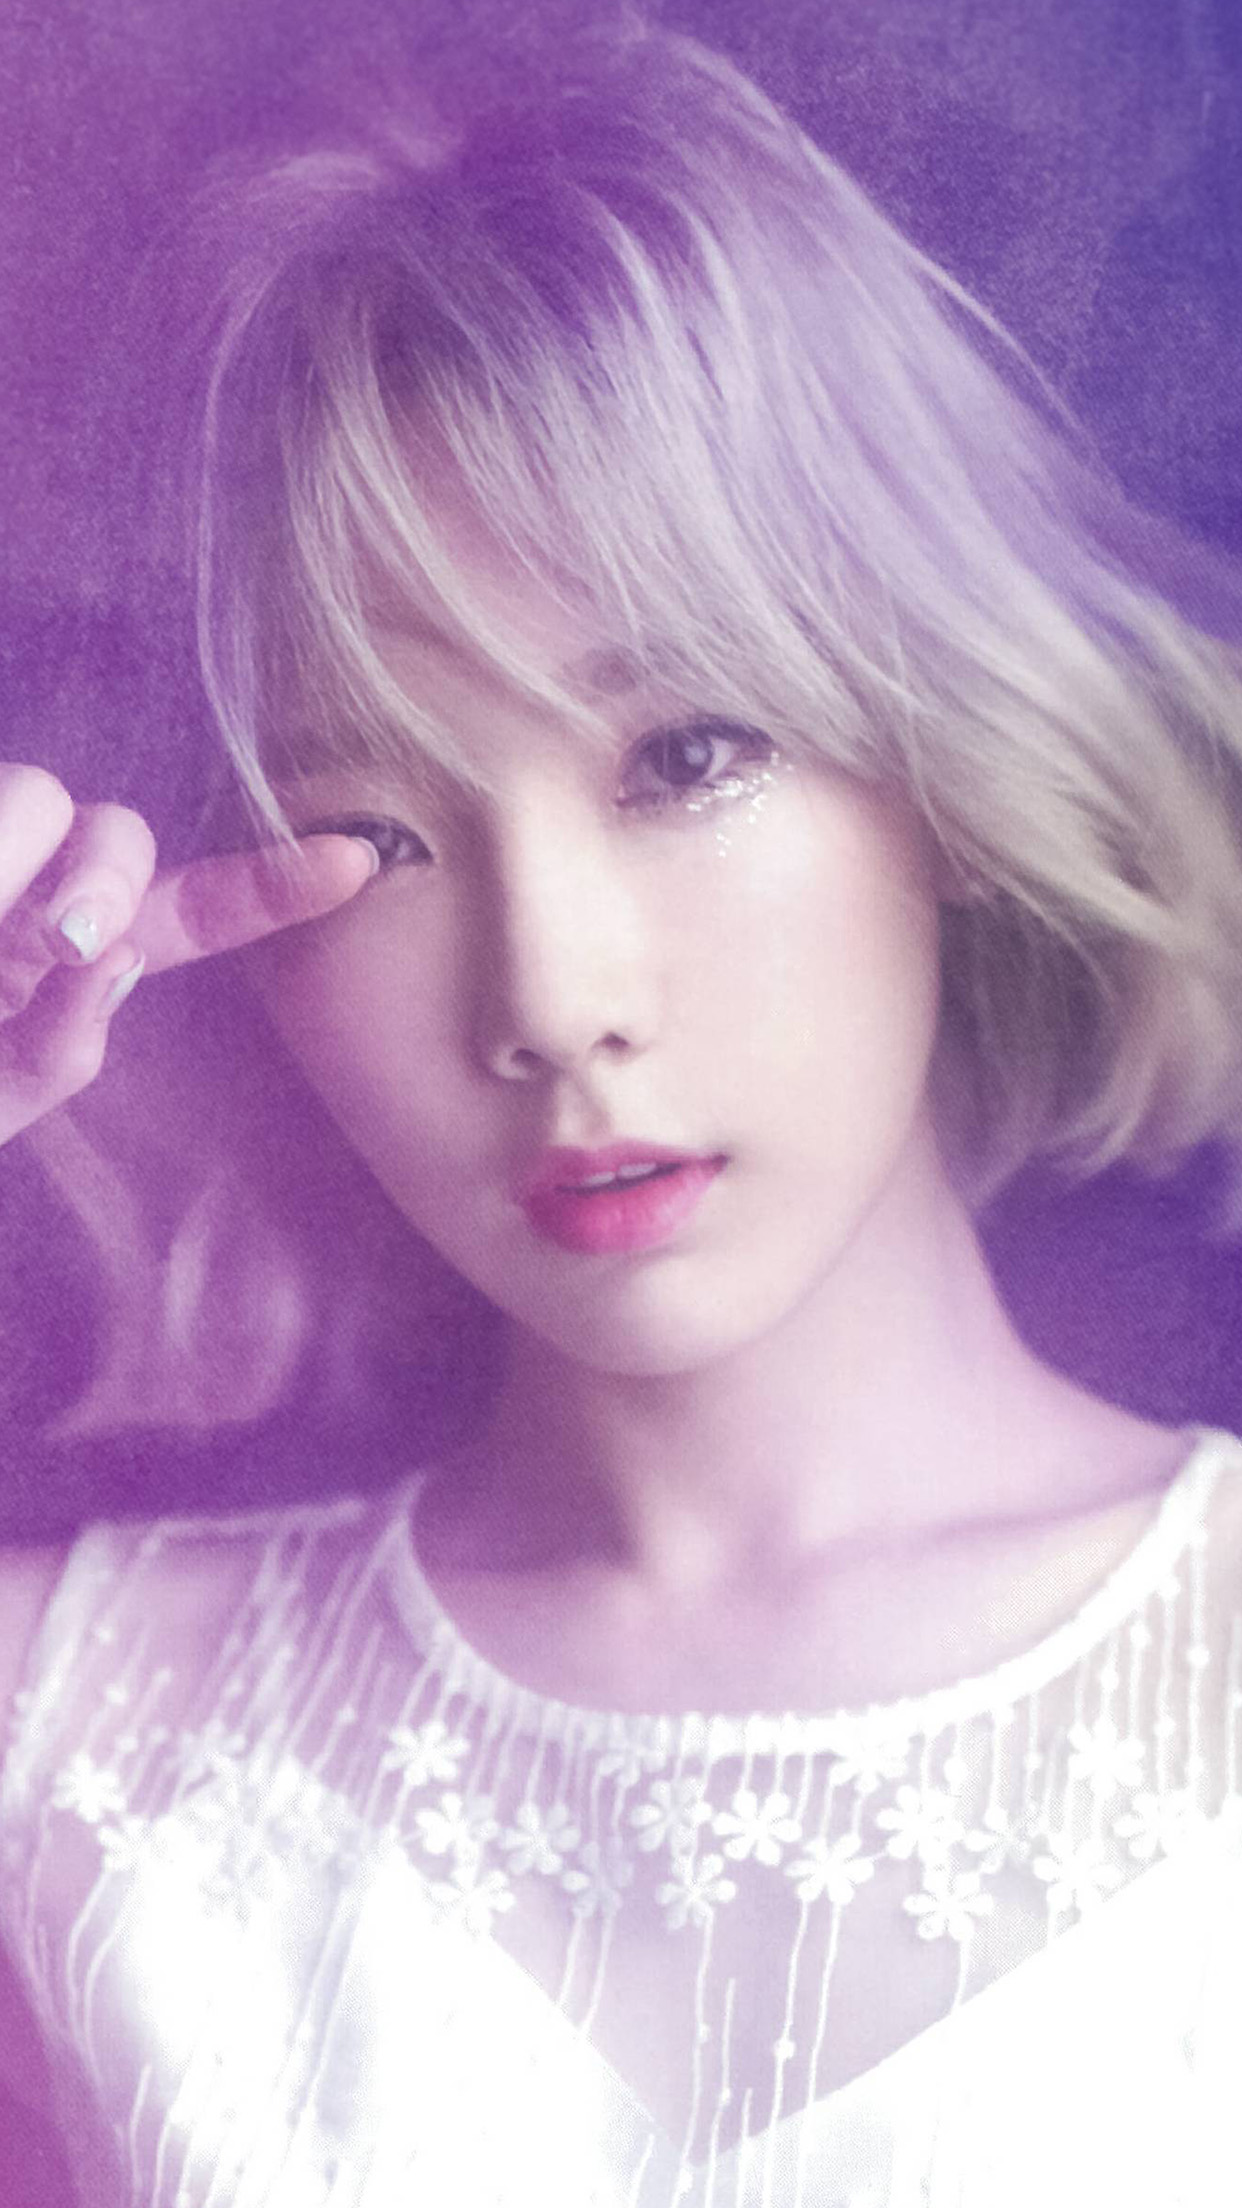 Small Cute Girl Wallpaper Hn52 Taeyeon Kpop Snsd Girl Wallpaper